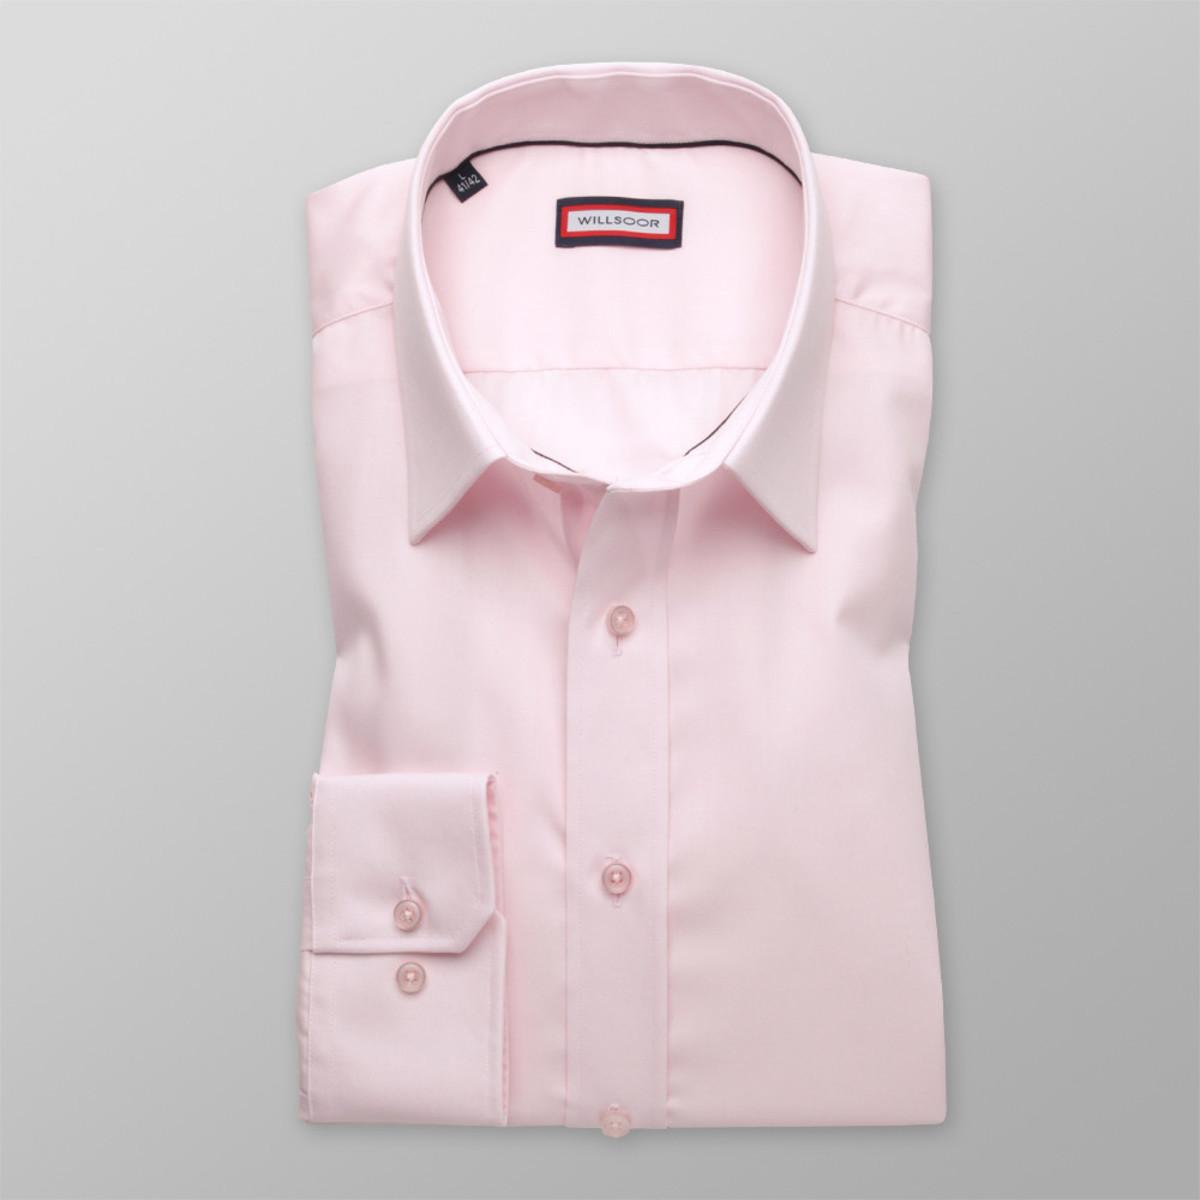 Košile Slim Fit (výška 188-194) 8896 188-194 / M (39/40)